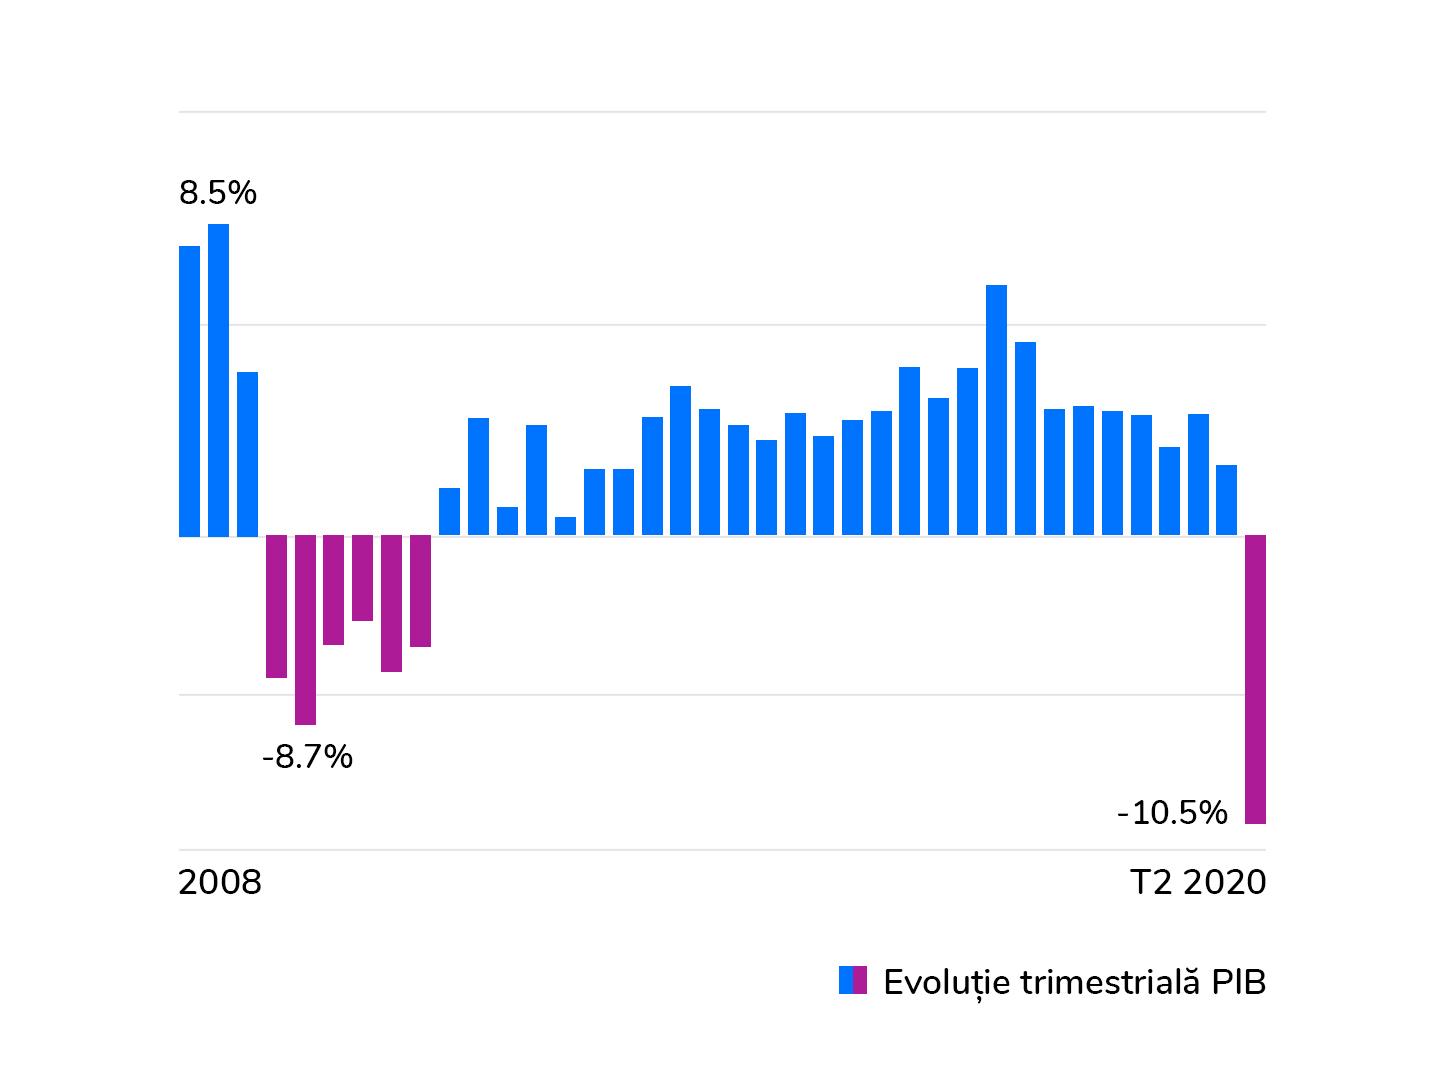 Cea mai mare scădere economică din ultimii 24 de ani